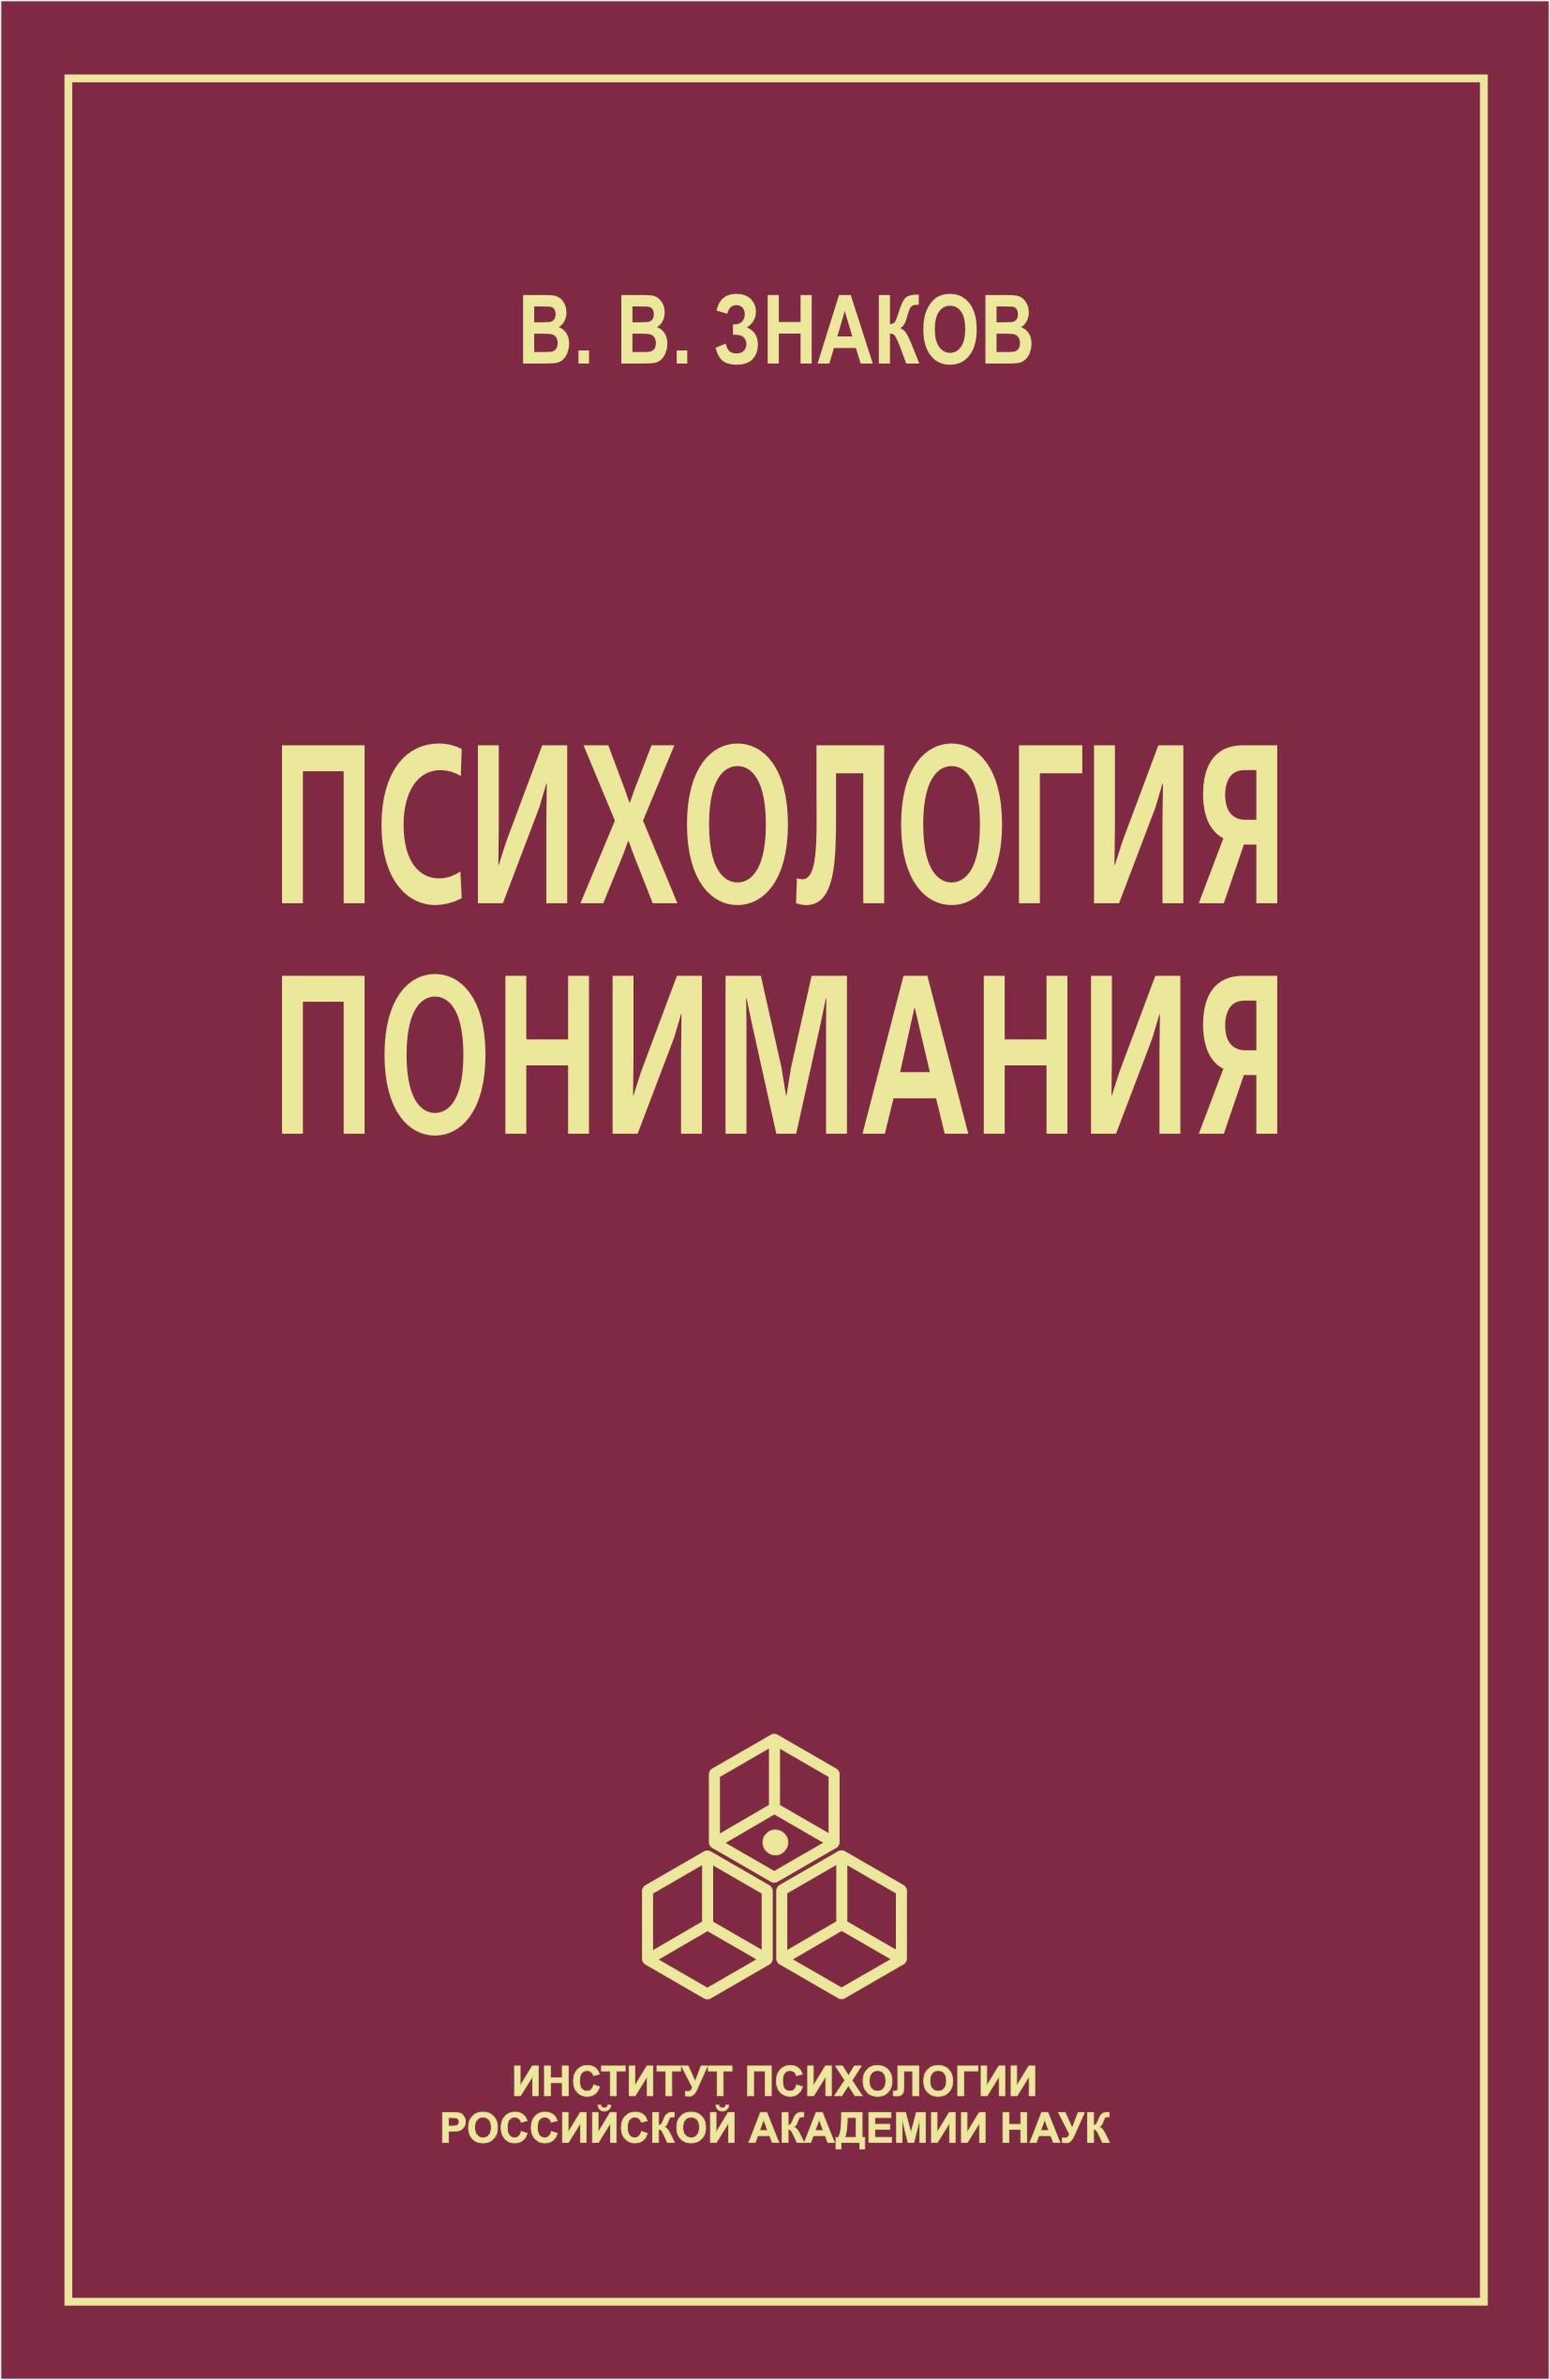 В. В. Знаков Психология понимания. Проблемы и перспективы